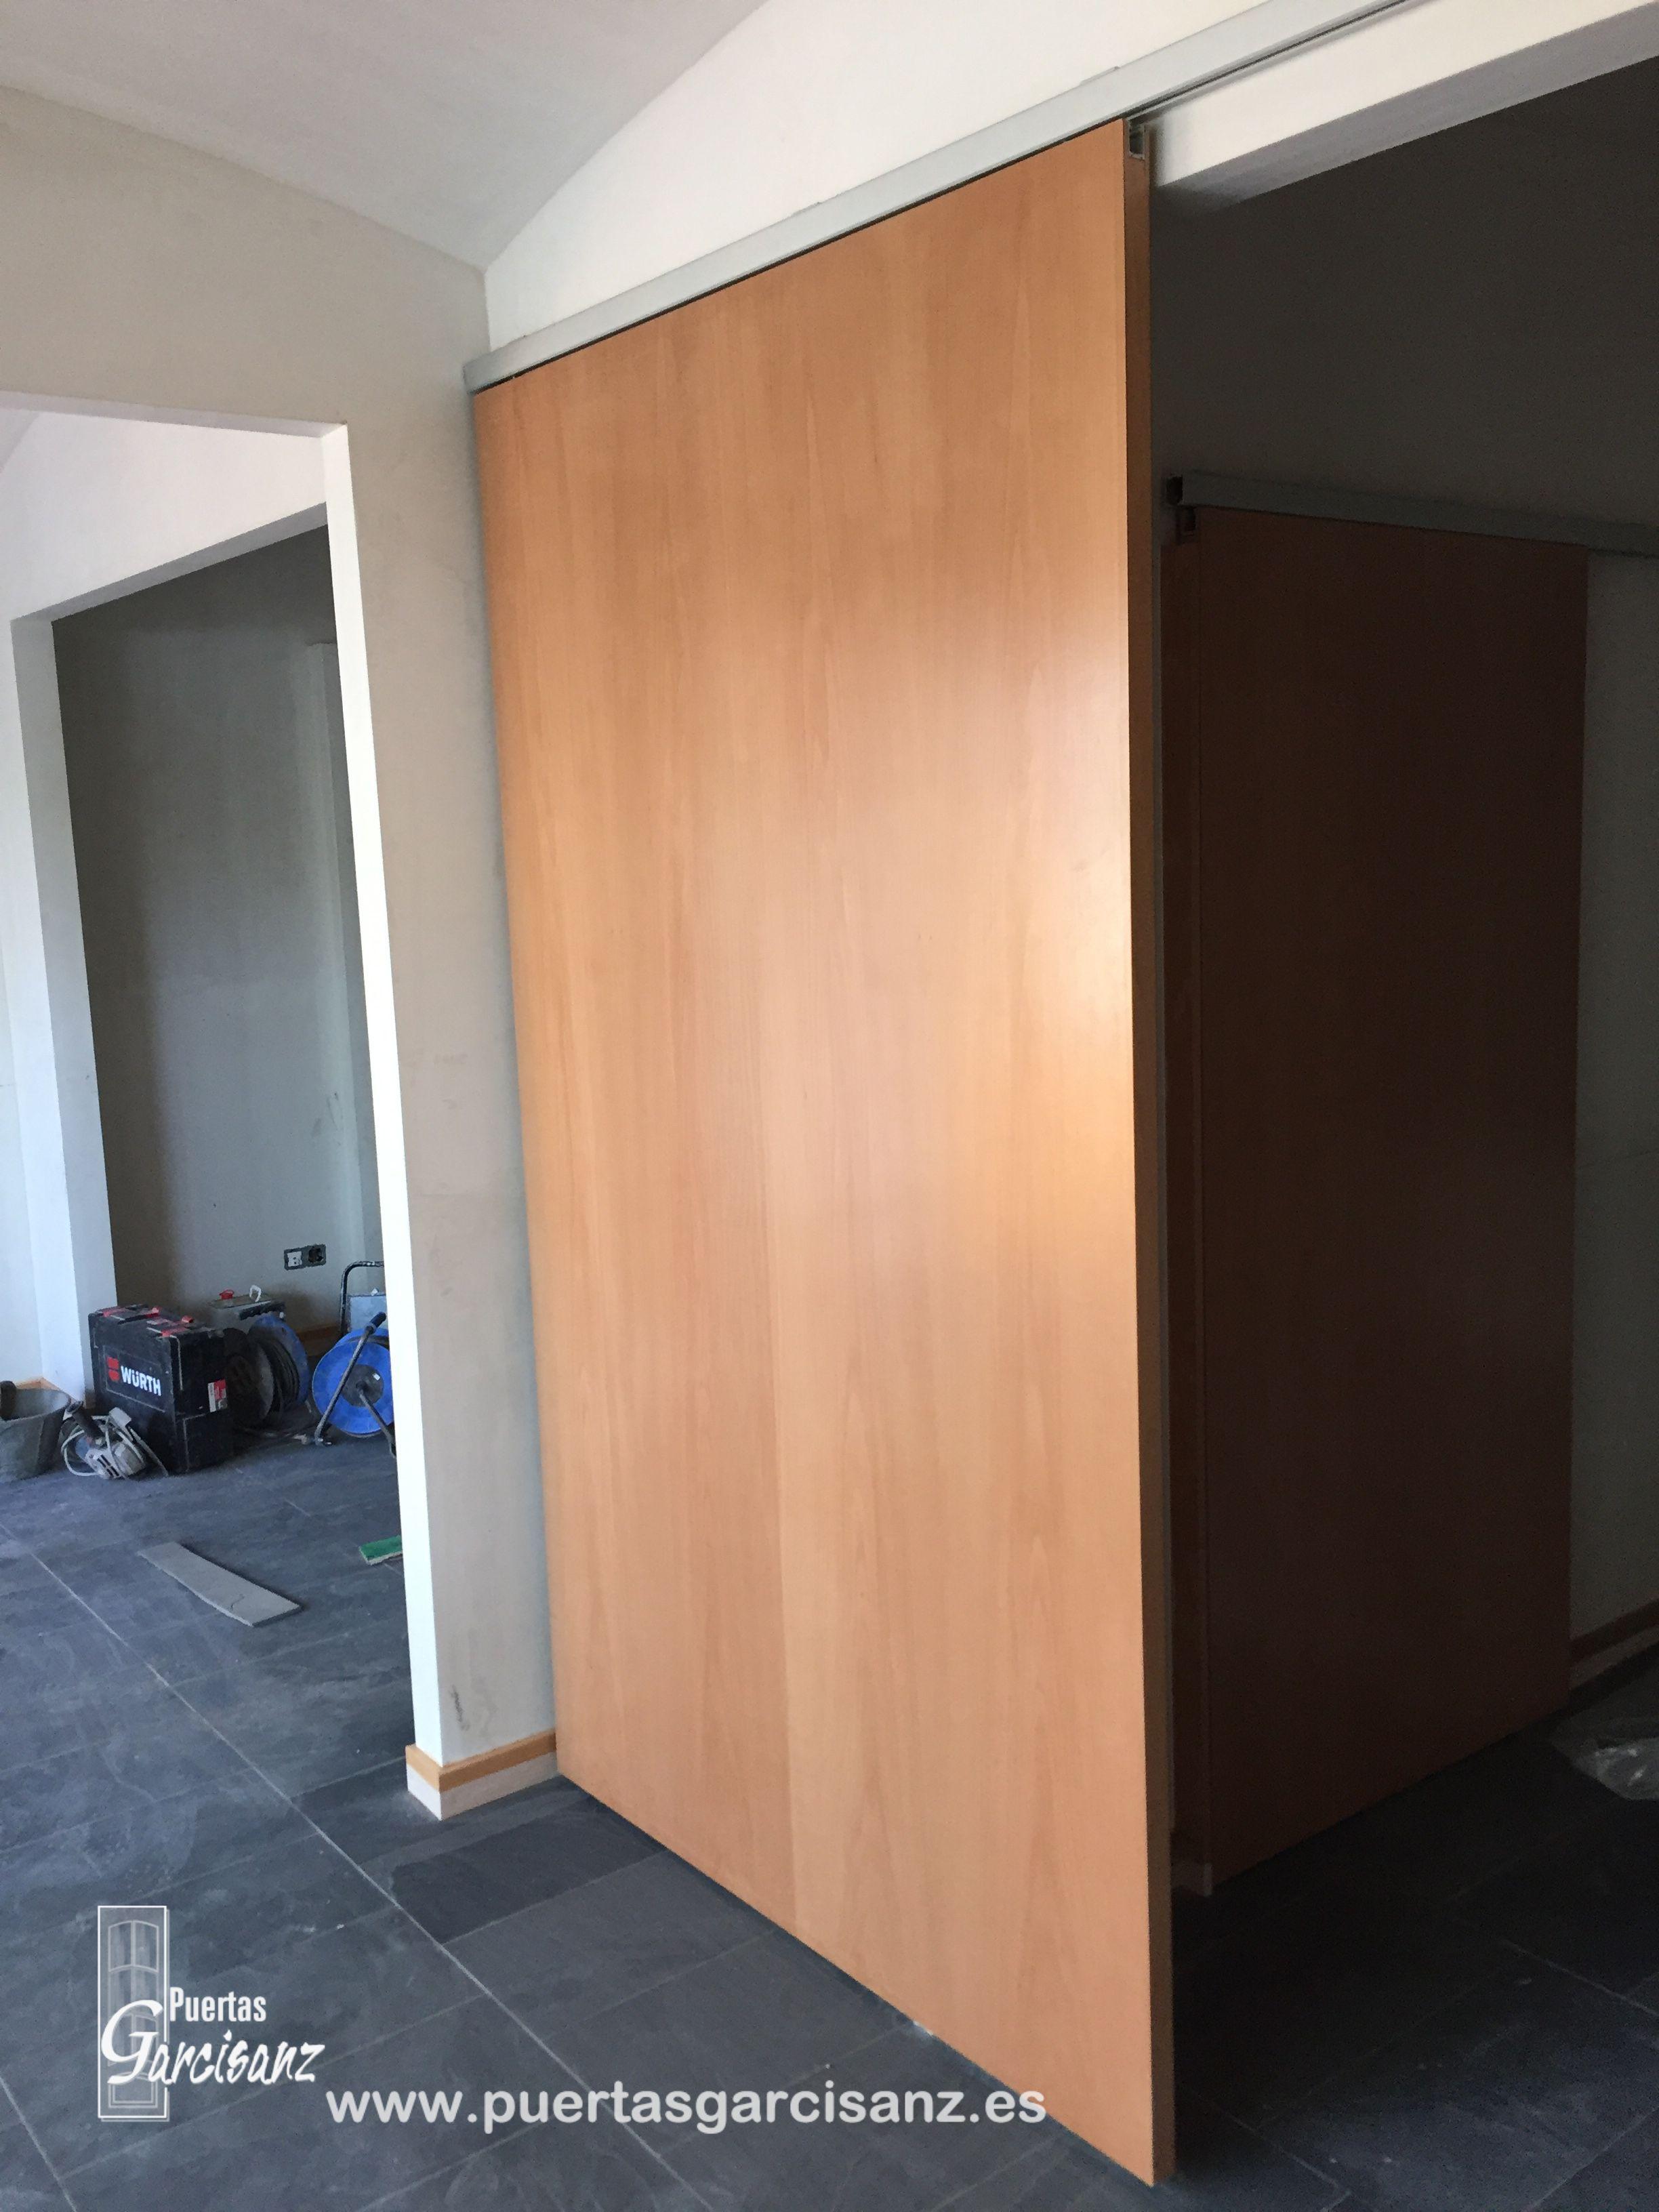 Instalaci n de puertas correderas en 40 mm de grosor lisas en haya vaporizada mediante sistema - Instalacion de puertas correderas ...